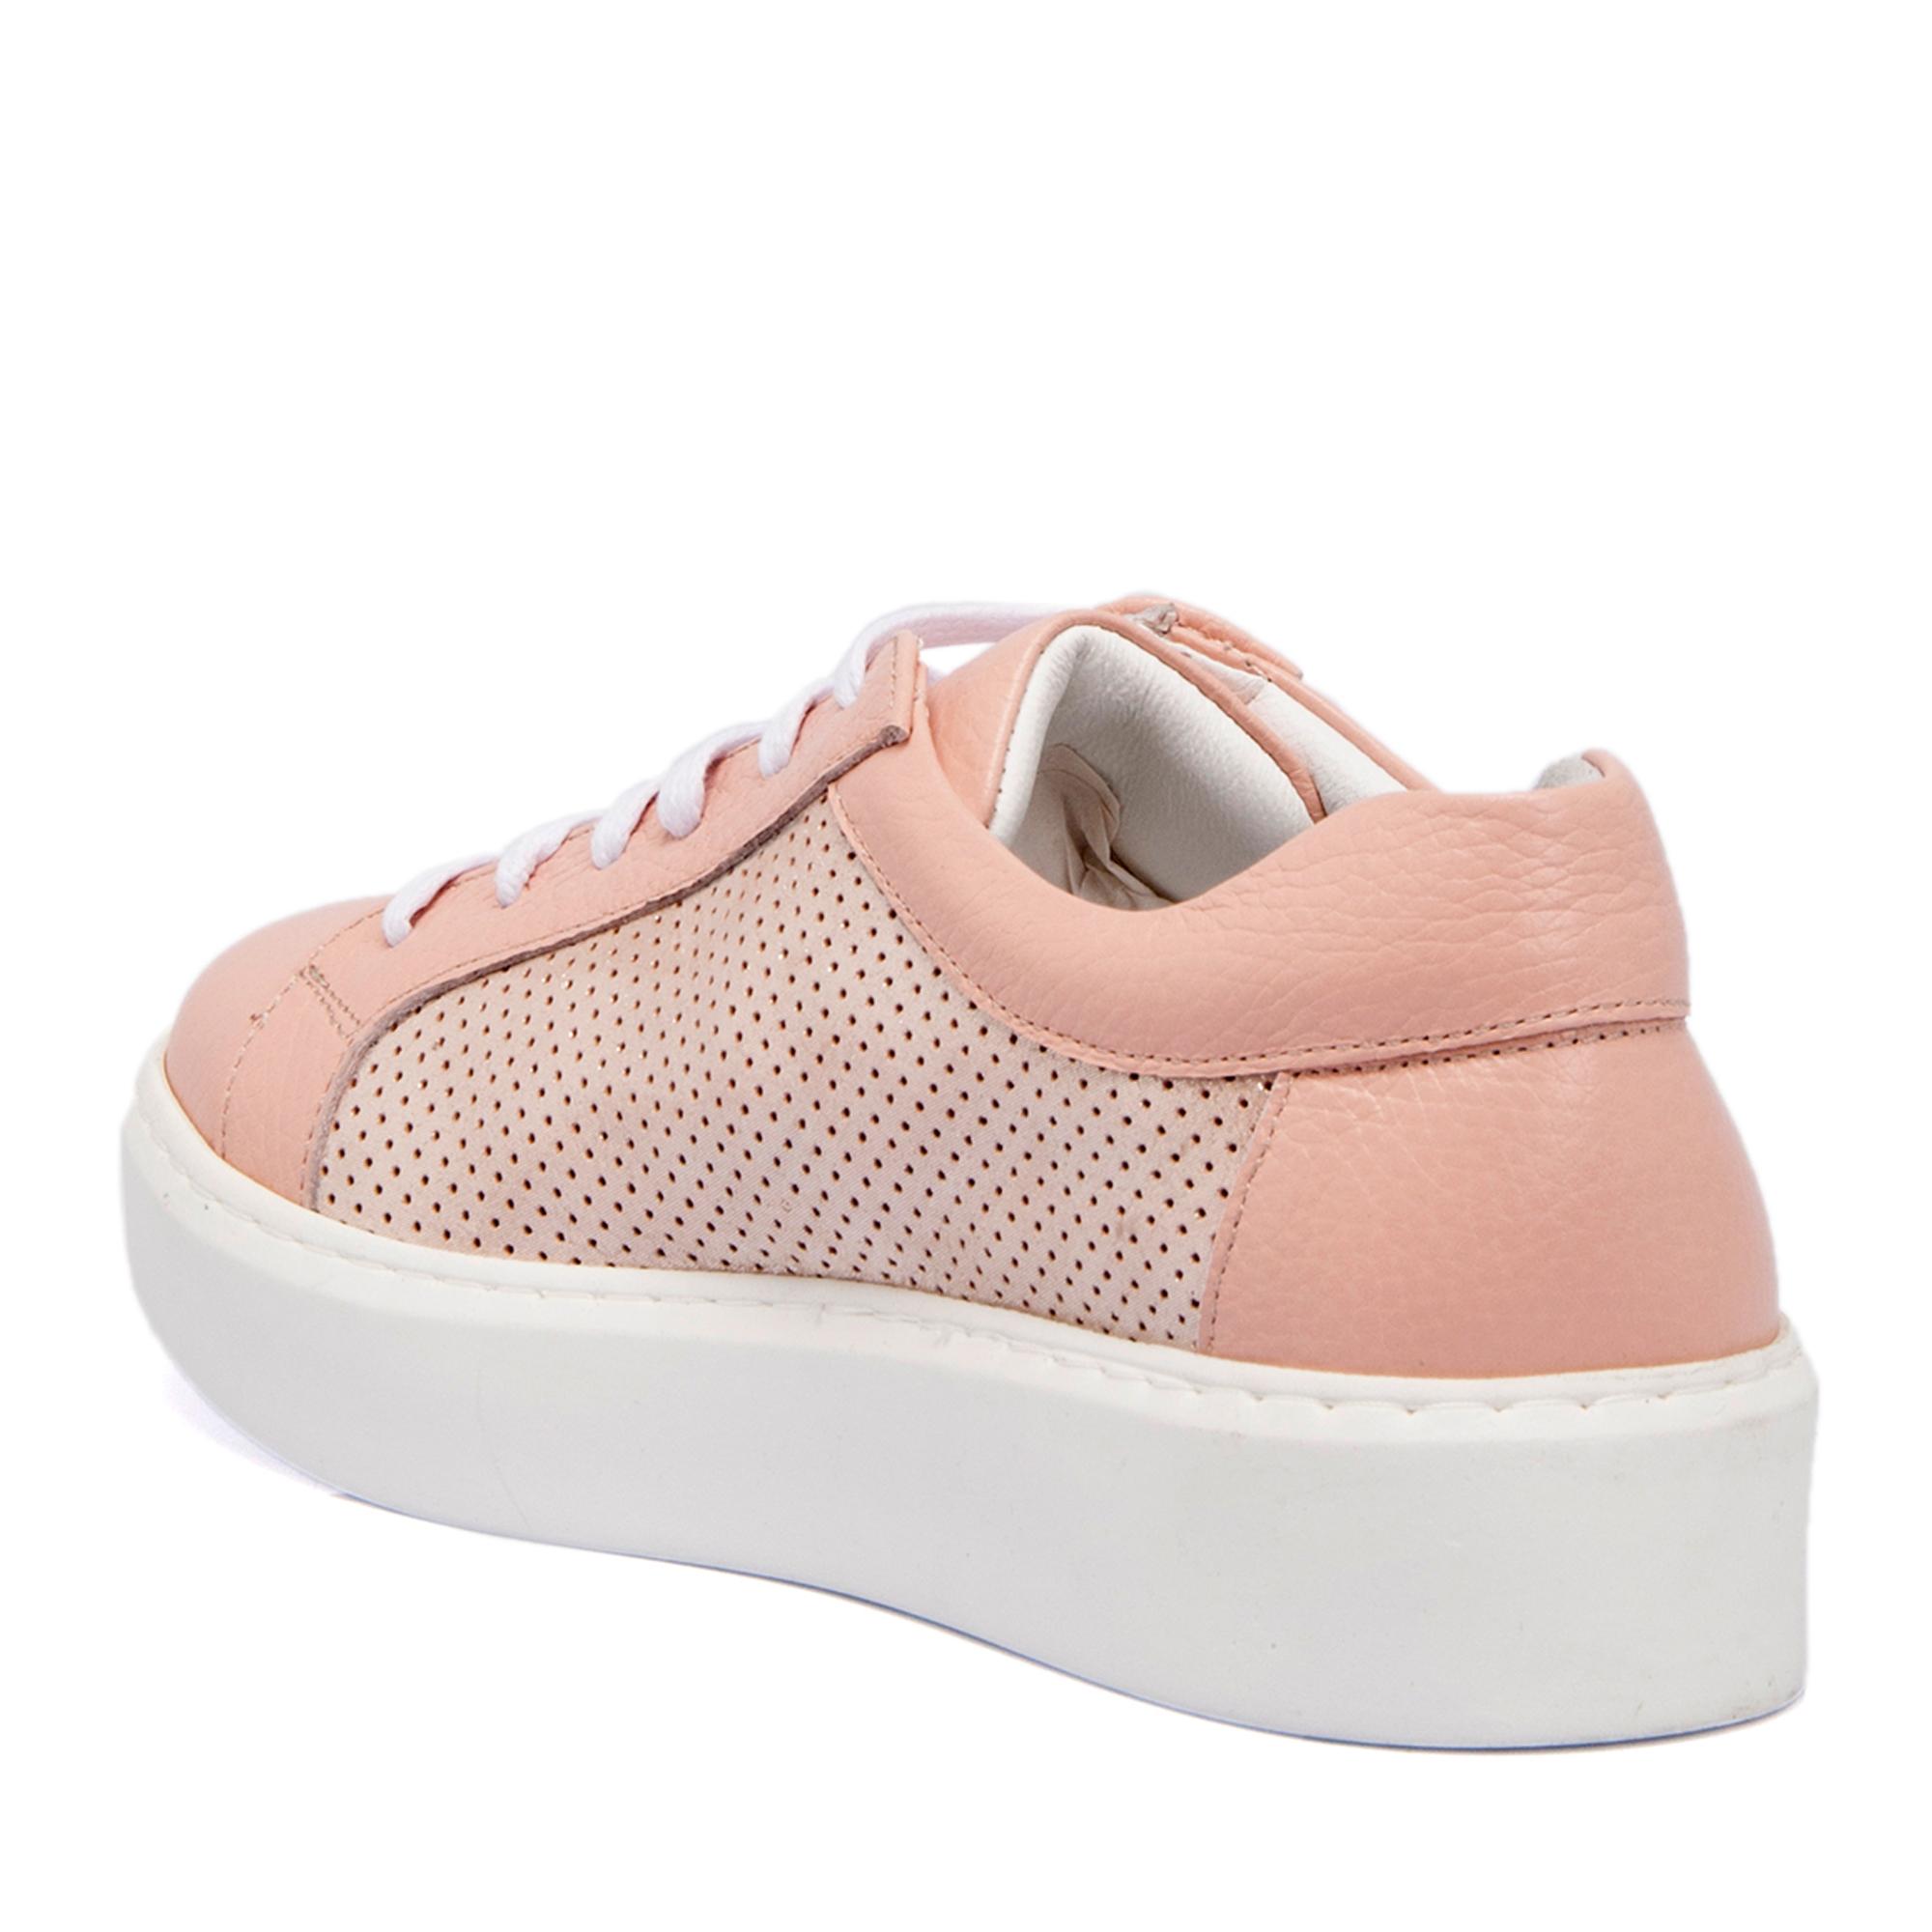 Pembe -Deri -Simli Deri Kadın Ayakkabı 64207O1D